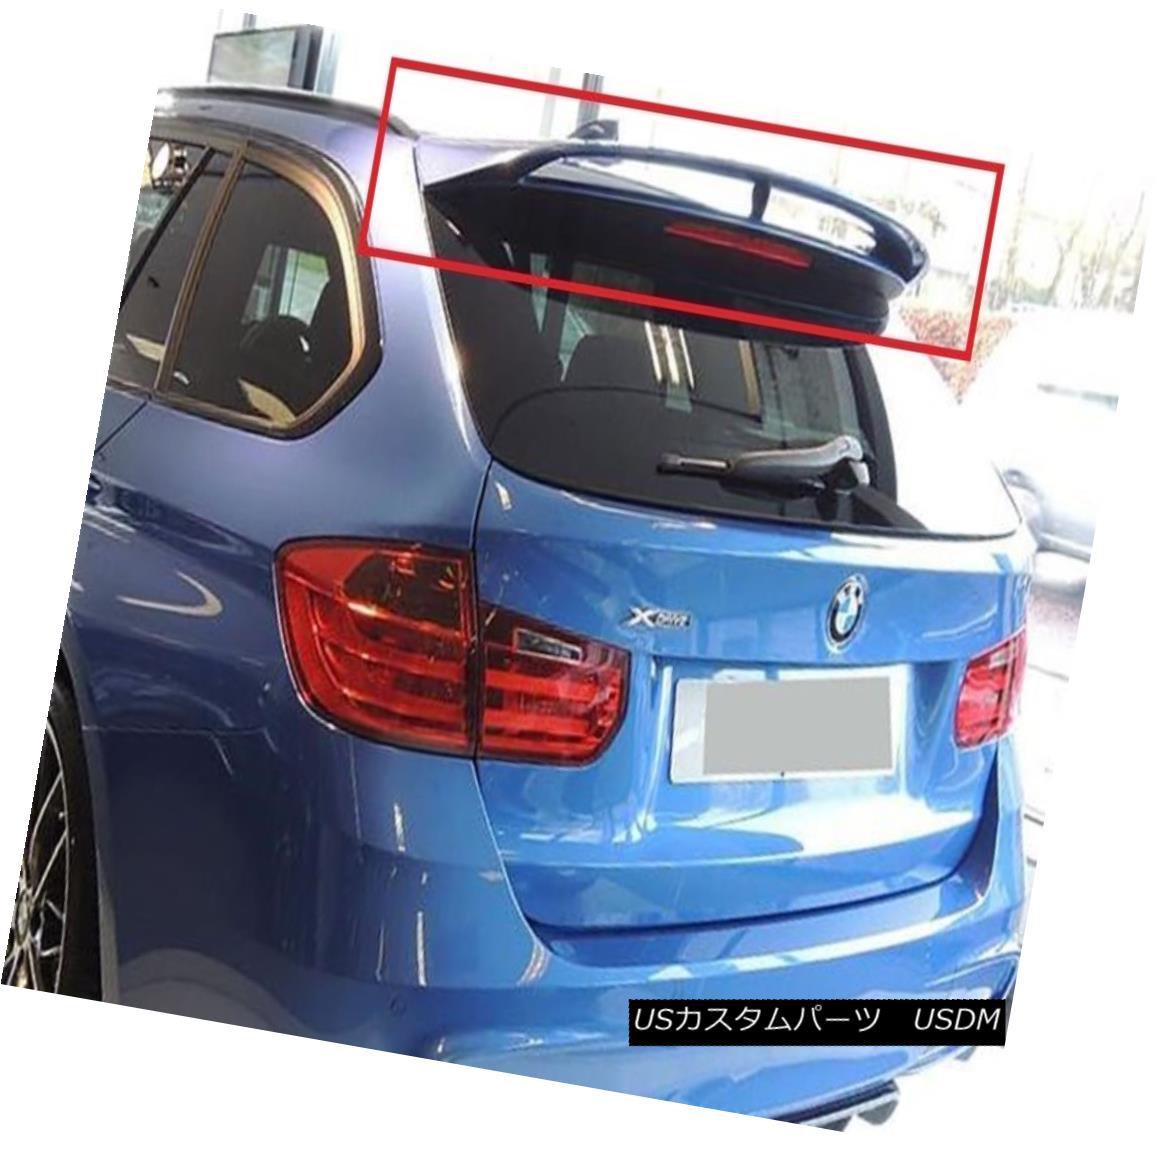 エアロパーツ BMW 3 SERIES F31 TOURING REAR ROOF SPOILER M PERFORMANCE LOOK NEW BMW 3シリーズF31トーイングリアルーフスポイラーMパフォーマンスNEW